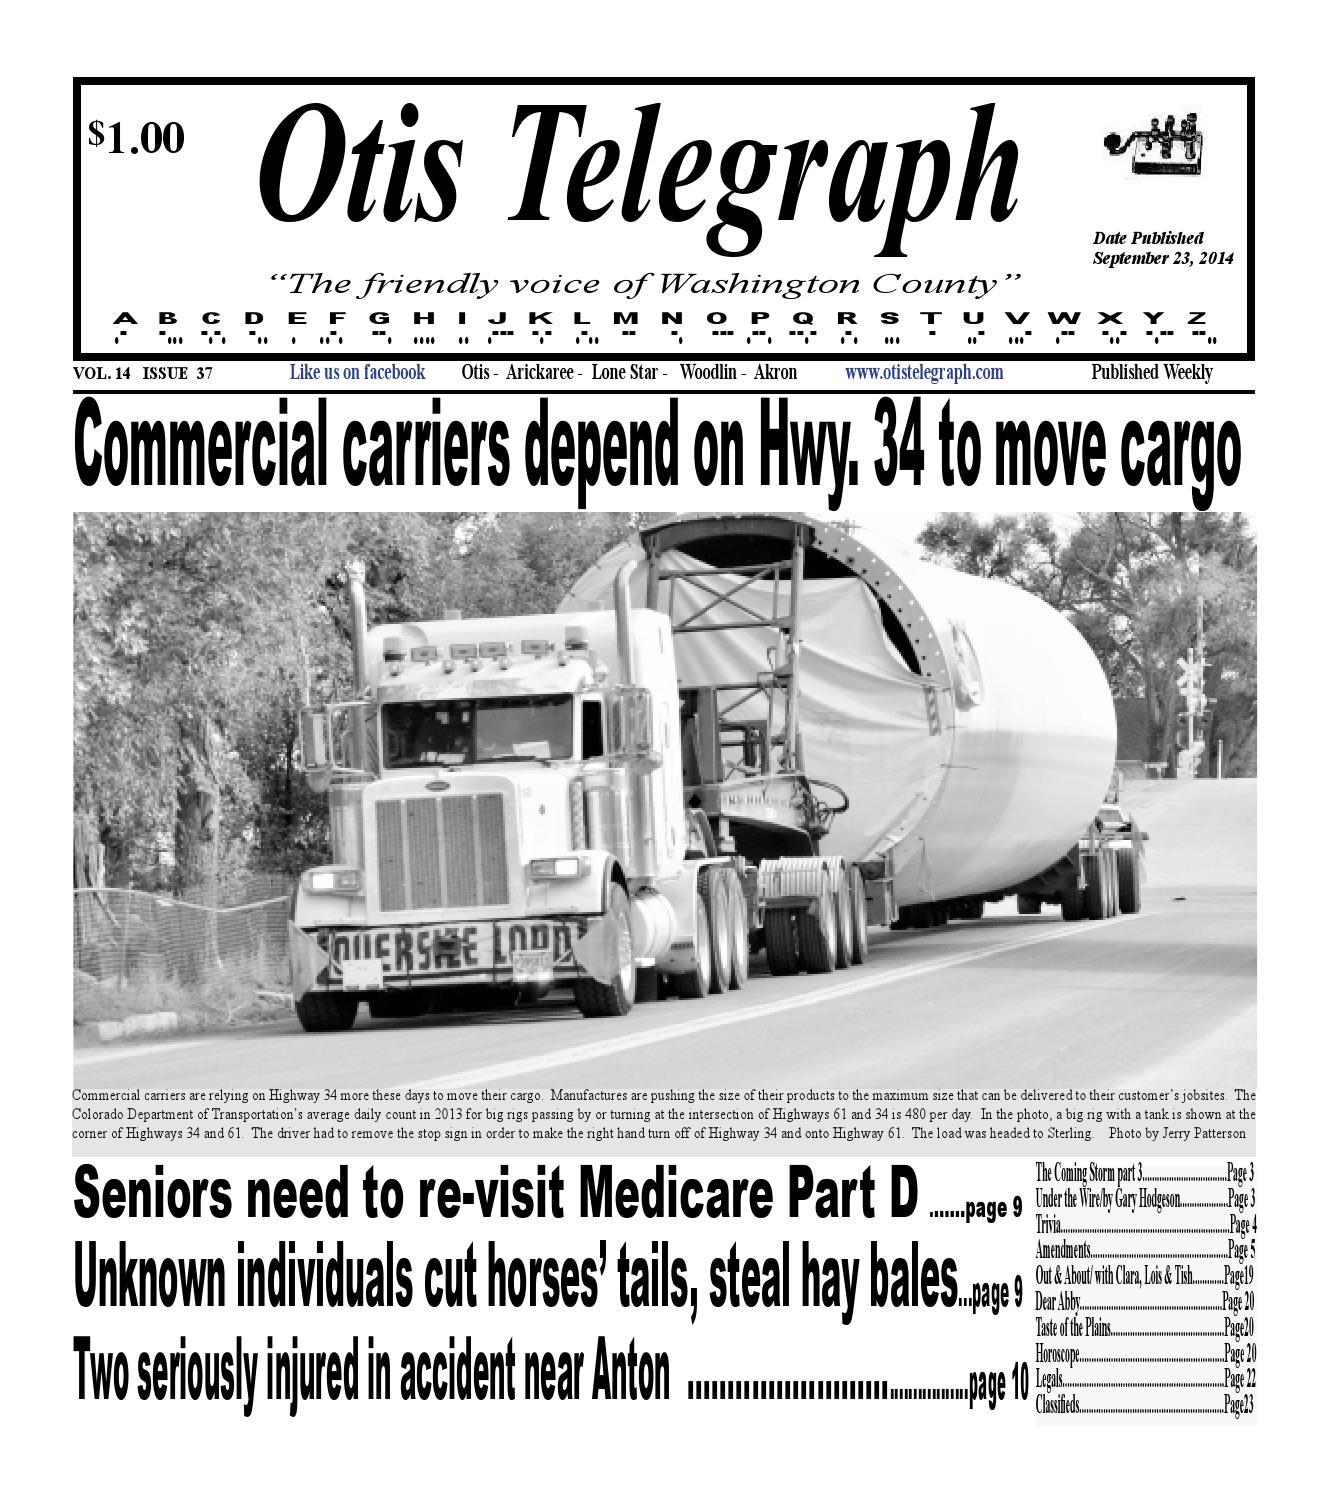 Otis telegraph september 23 2014 edition by otsportschek issuu fandeluxe Choice Image